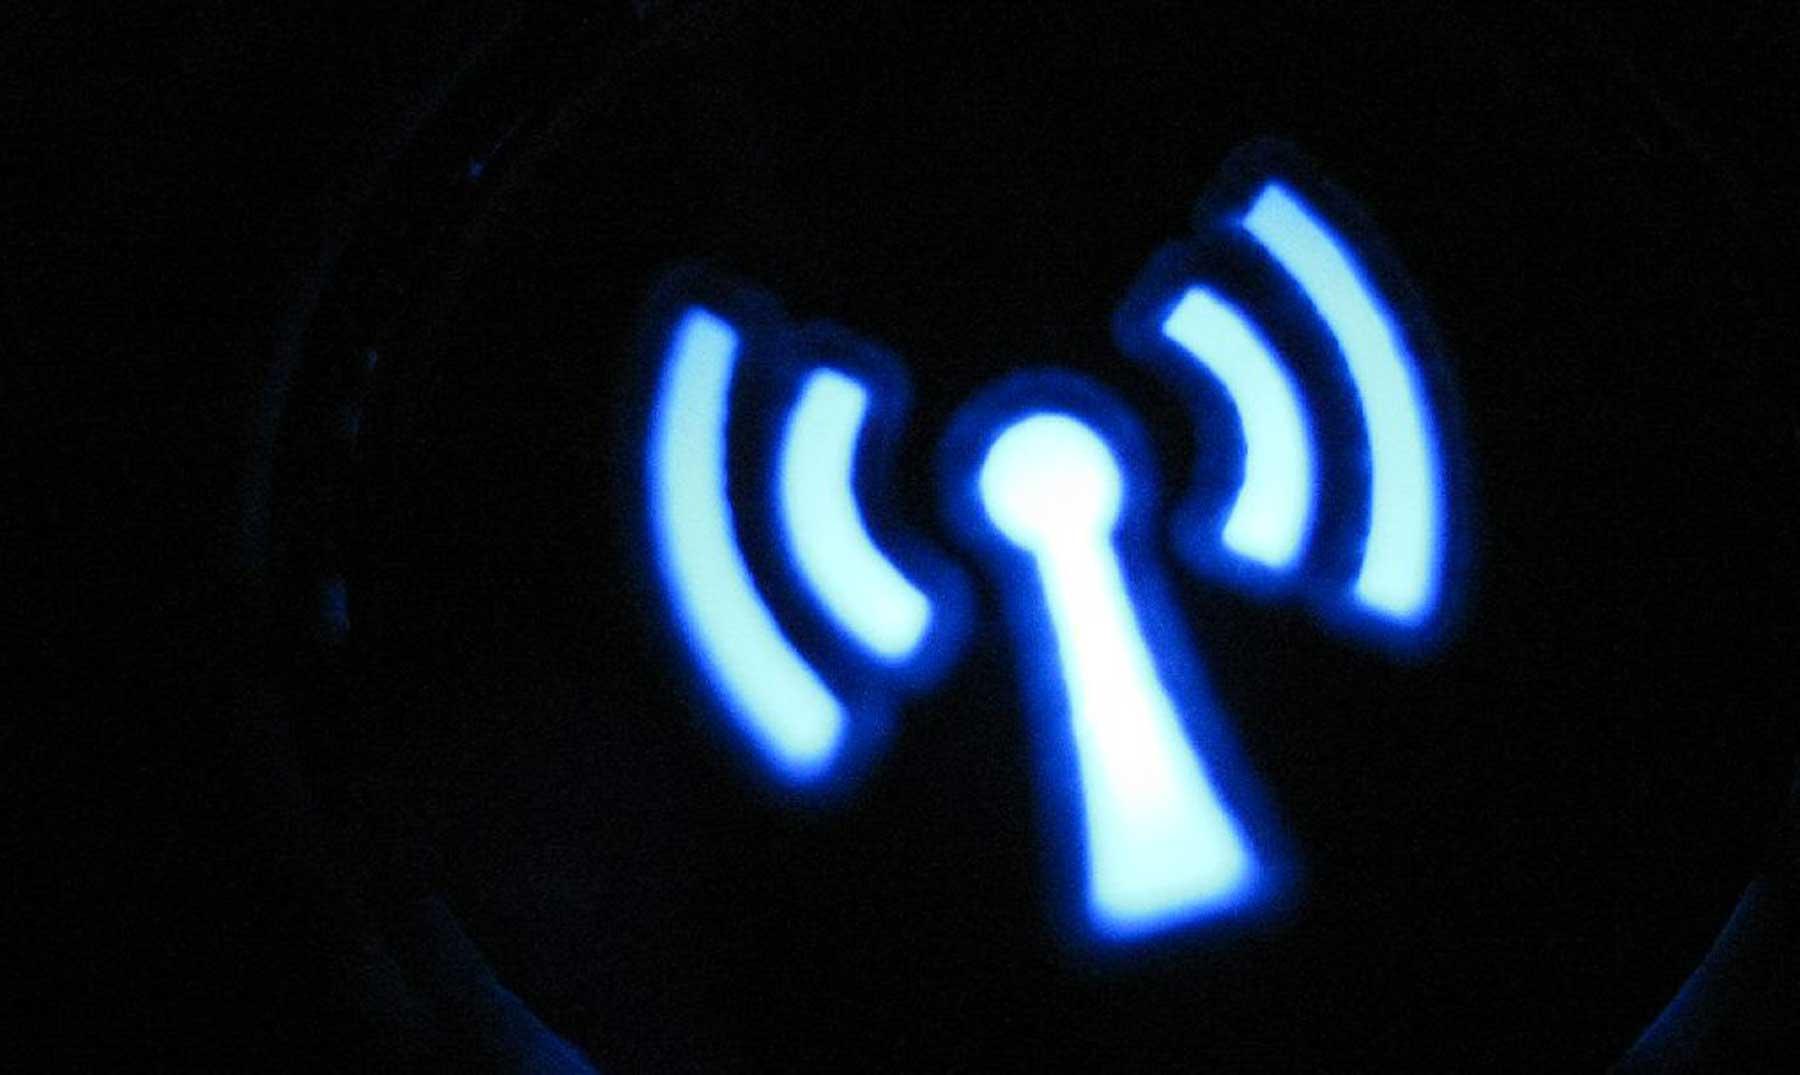 ¿Cómo suena el Wi-Fi? El hombre que lo oye y su sonido